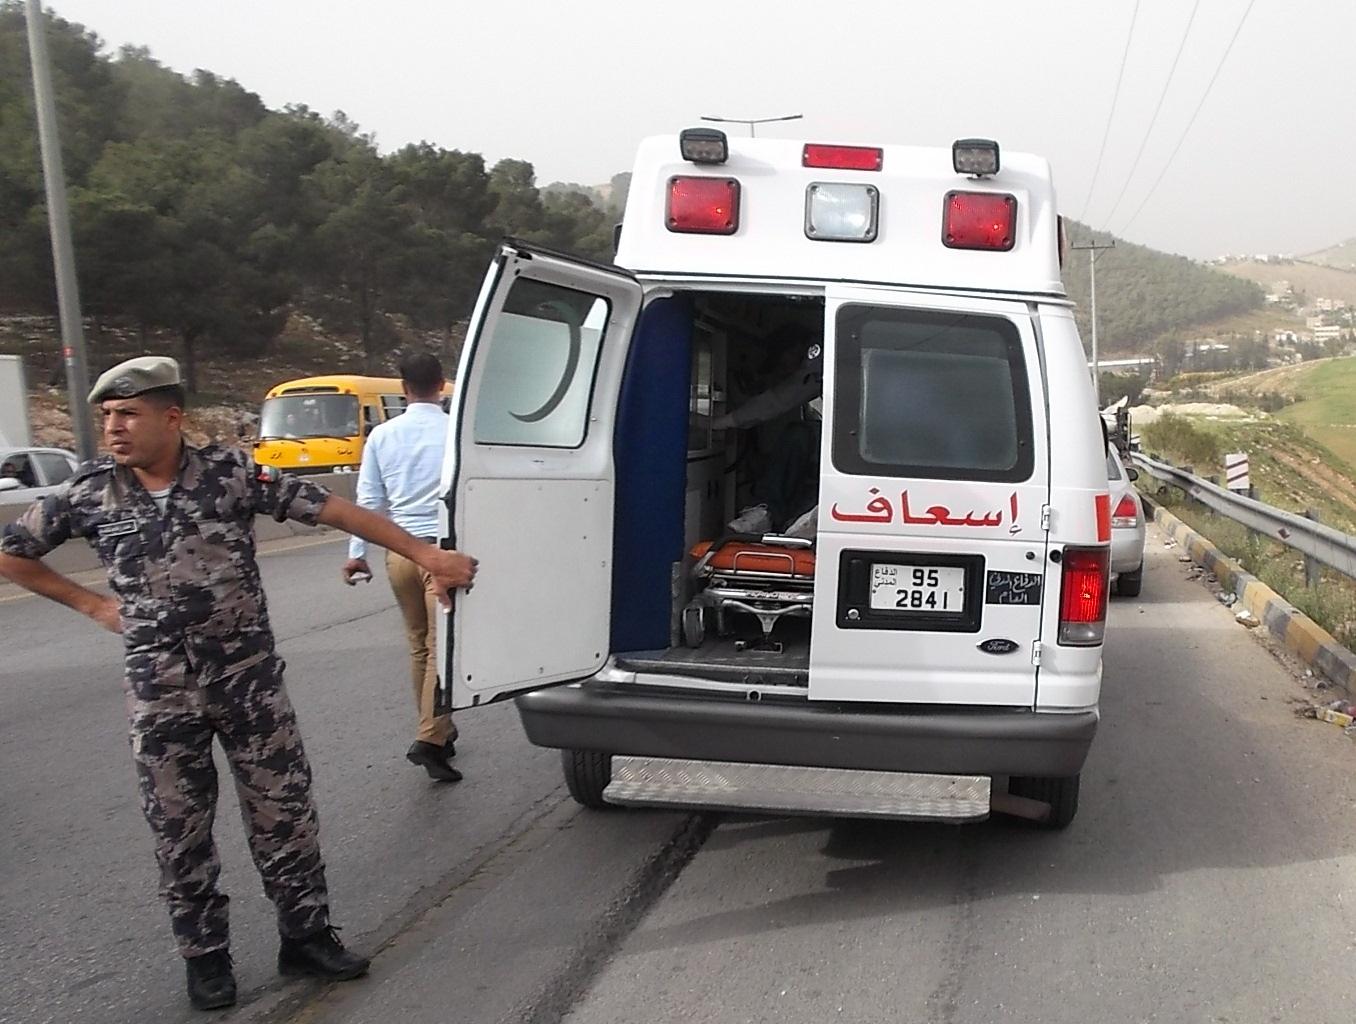 الدفاع المدني يطالب بإفساح المجال لآلياته أثناء الاحتجاجات - Alghad